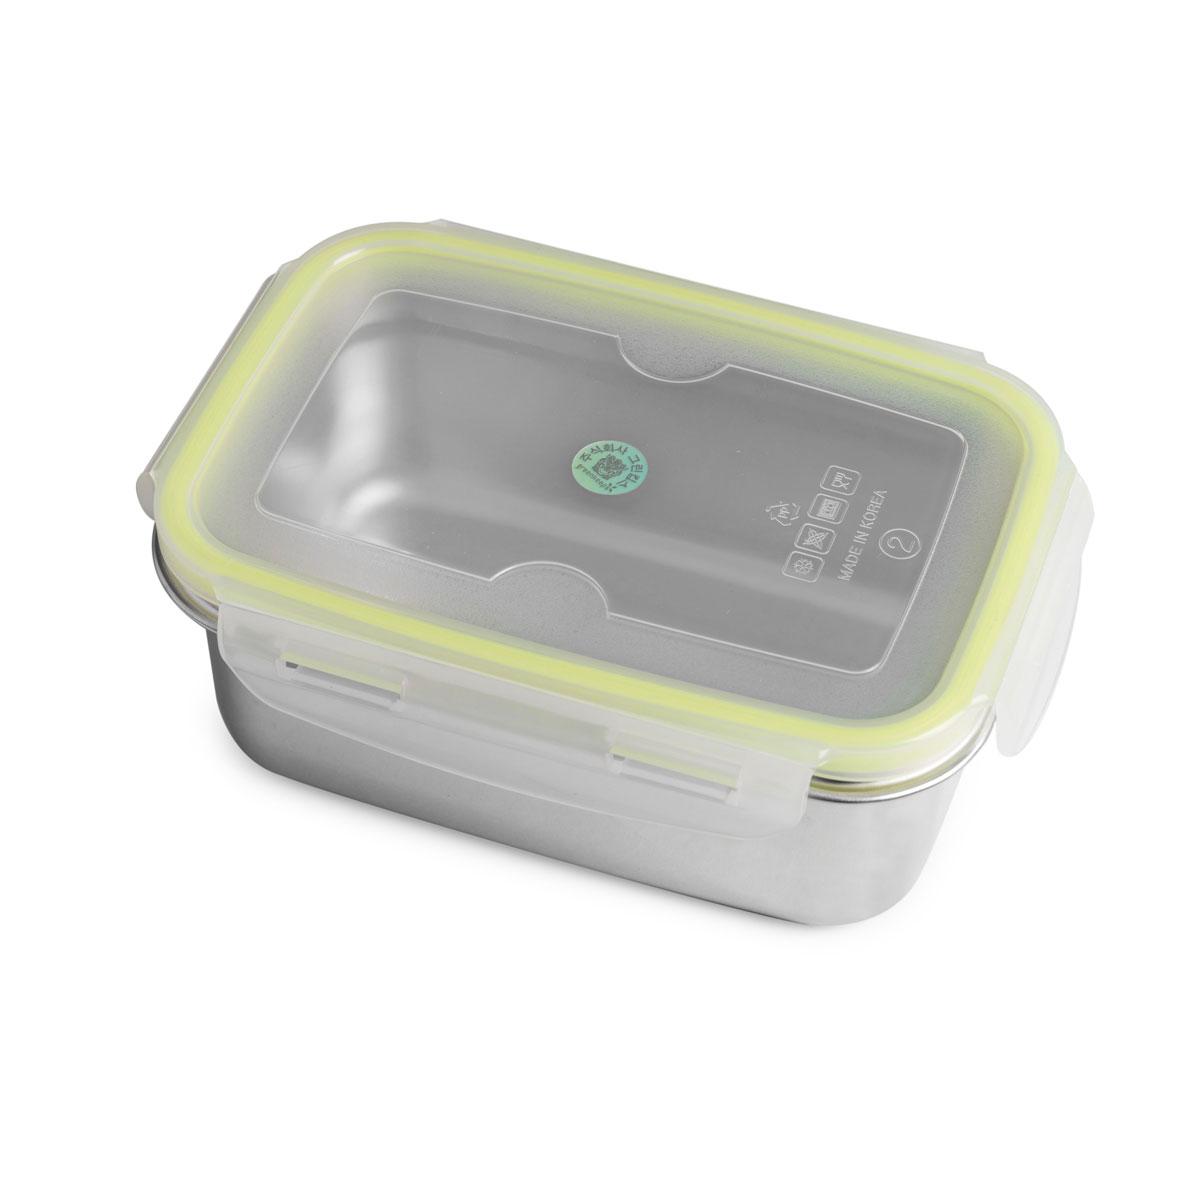 """Lunchbox Medium 950ml aus Edelstahl mit praktischem Klickverschluss """"Brotzeit Klick"""" - 100% BPA frei, fest verschliessbar von Brotzeit"""